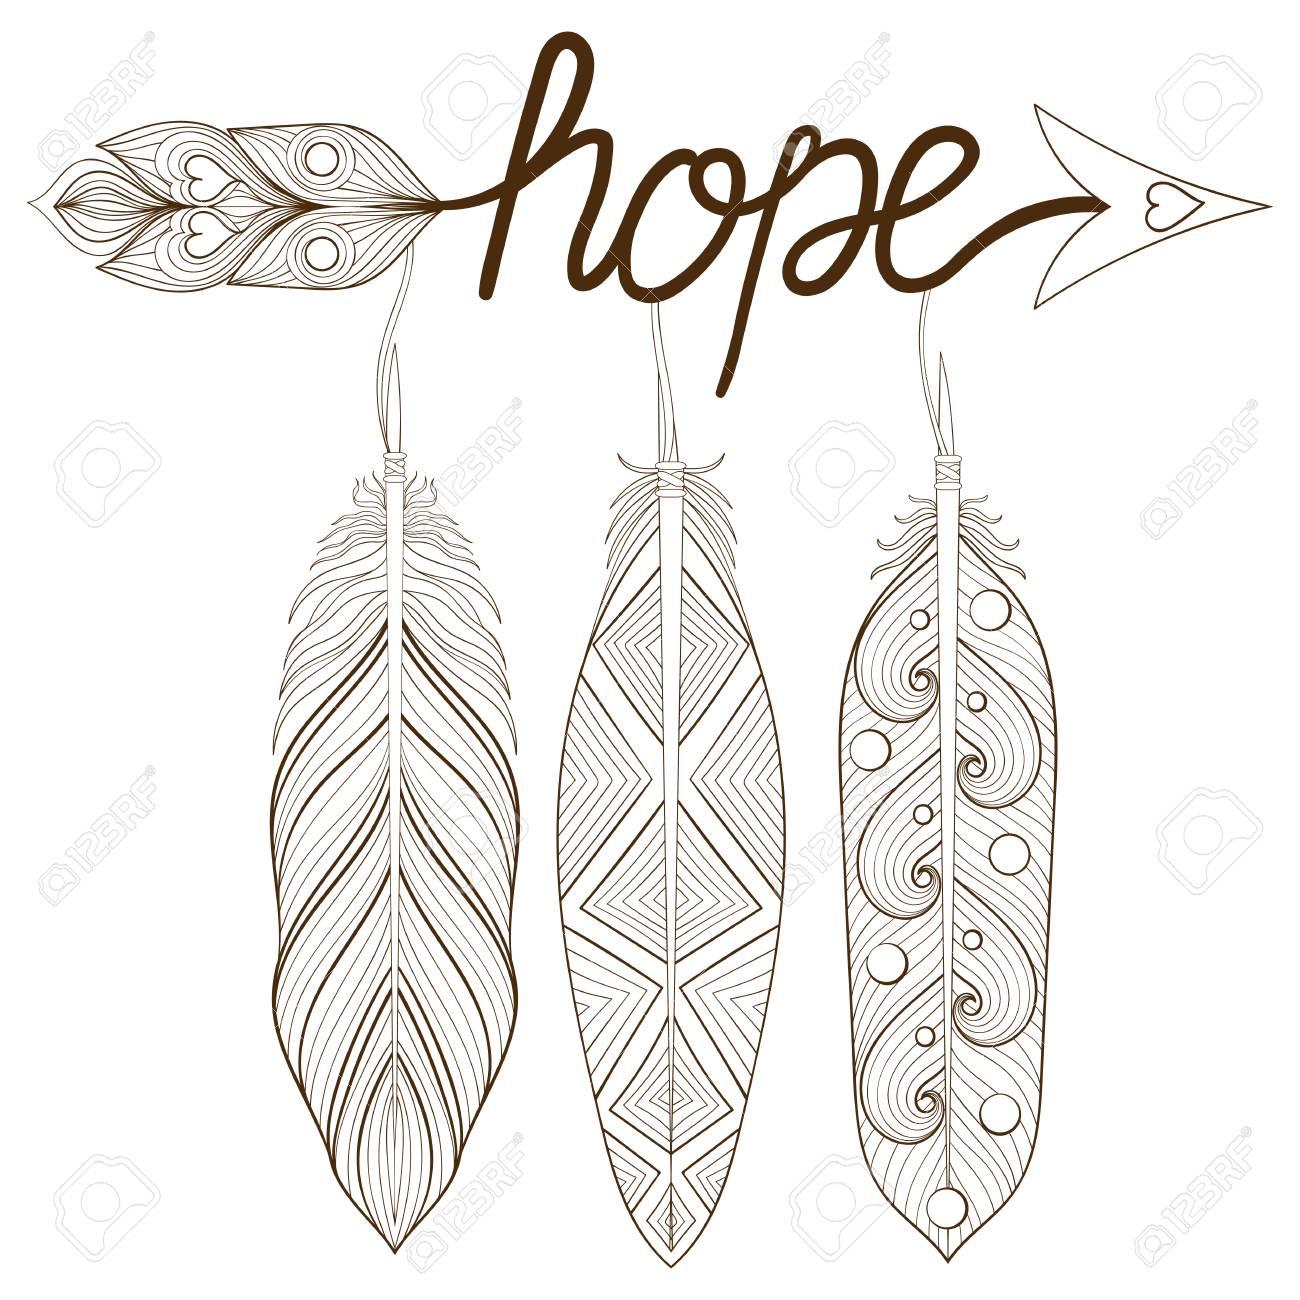 Freccia Di Boemia Amuleto Disegnato A Mano Lettere Di Speranza Con Piume Di Henné Frecce Decorative Per Pagine Da Colorare Per Adulti Stampa